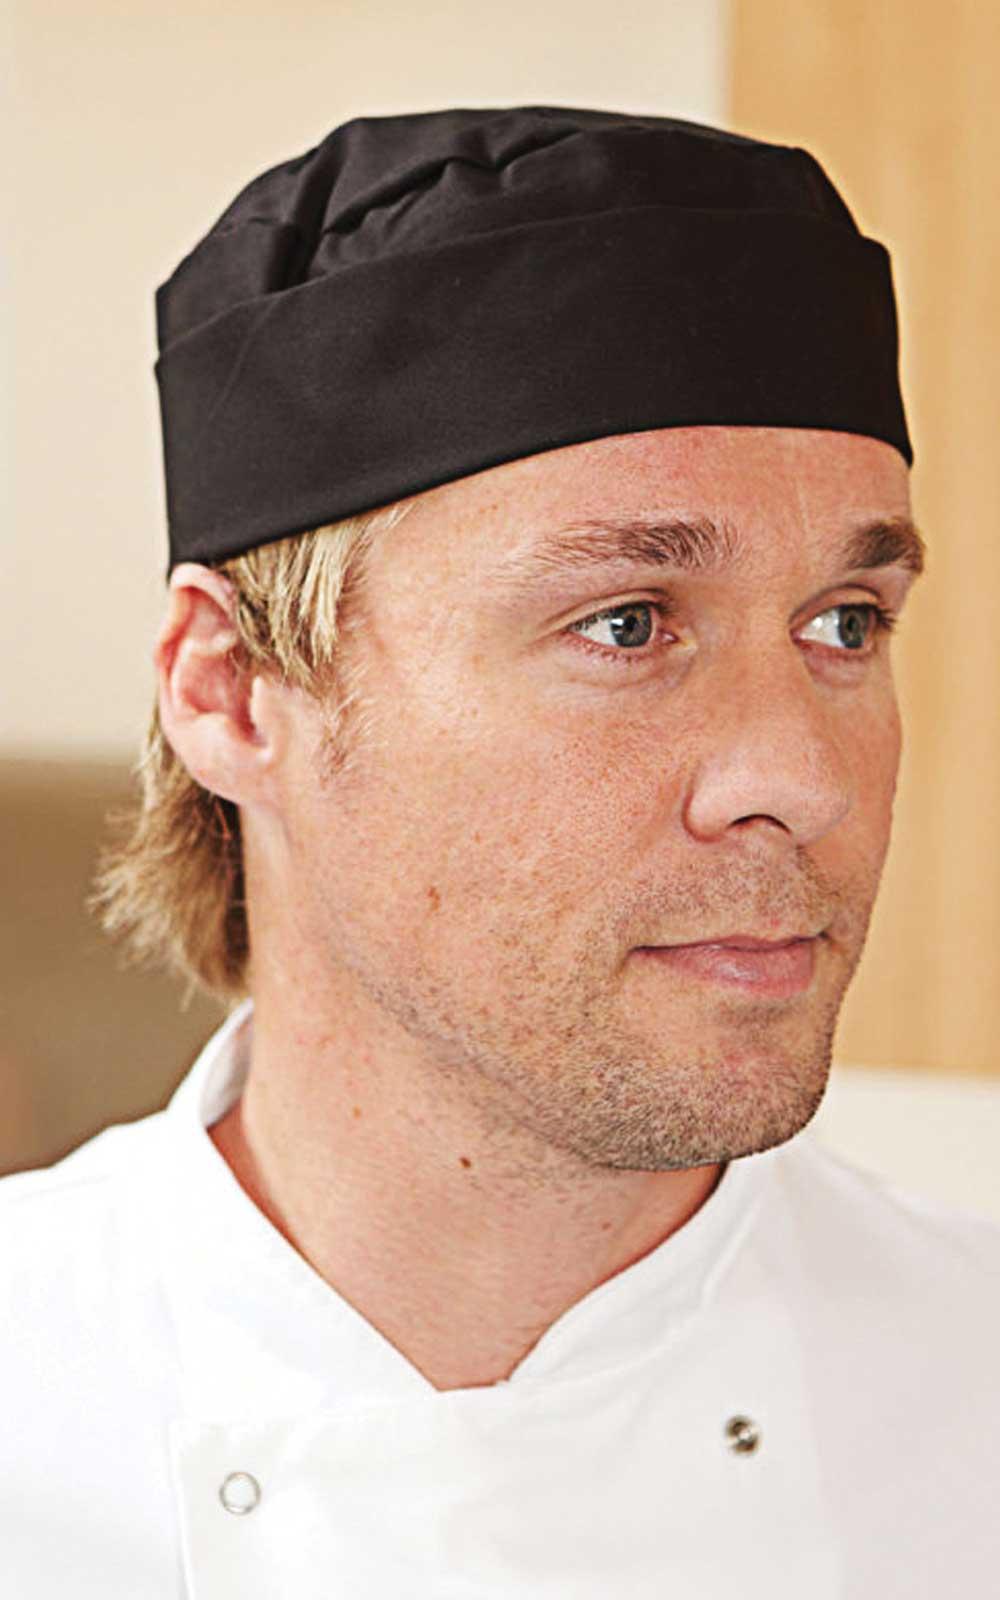 chef-hat-2